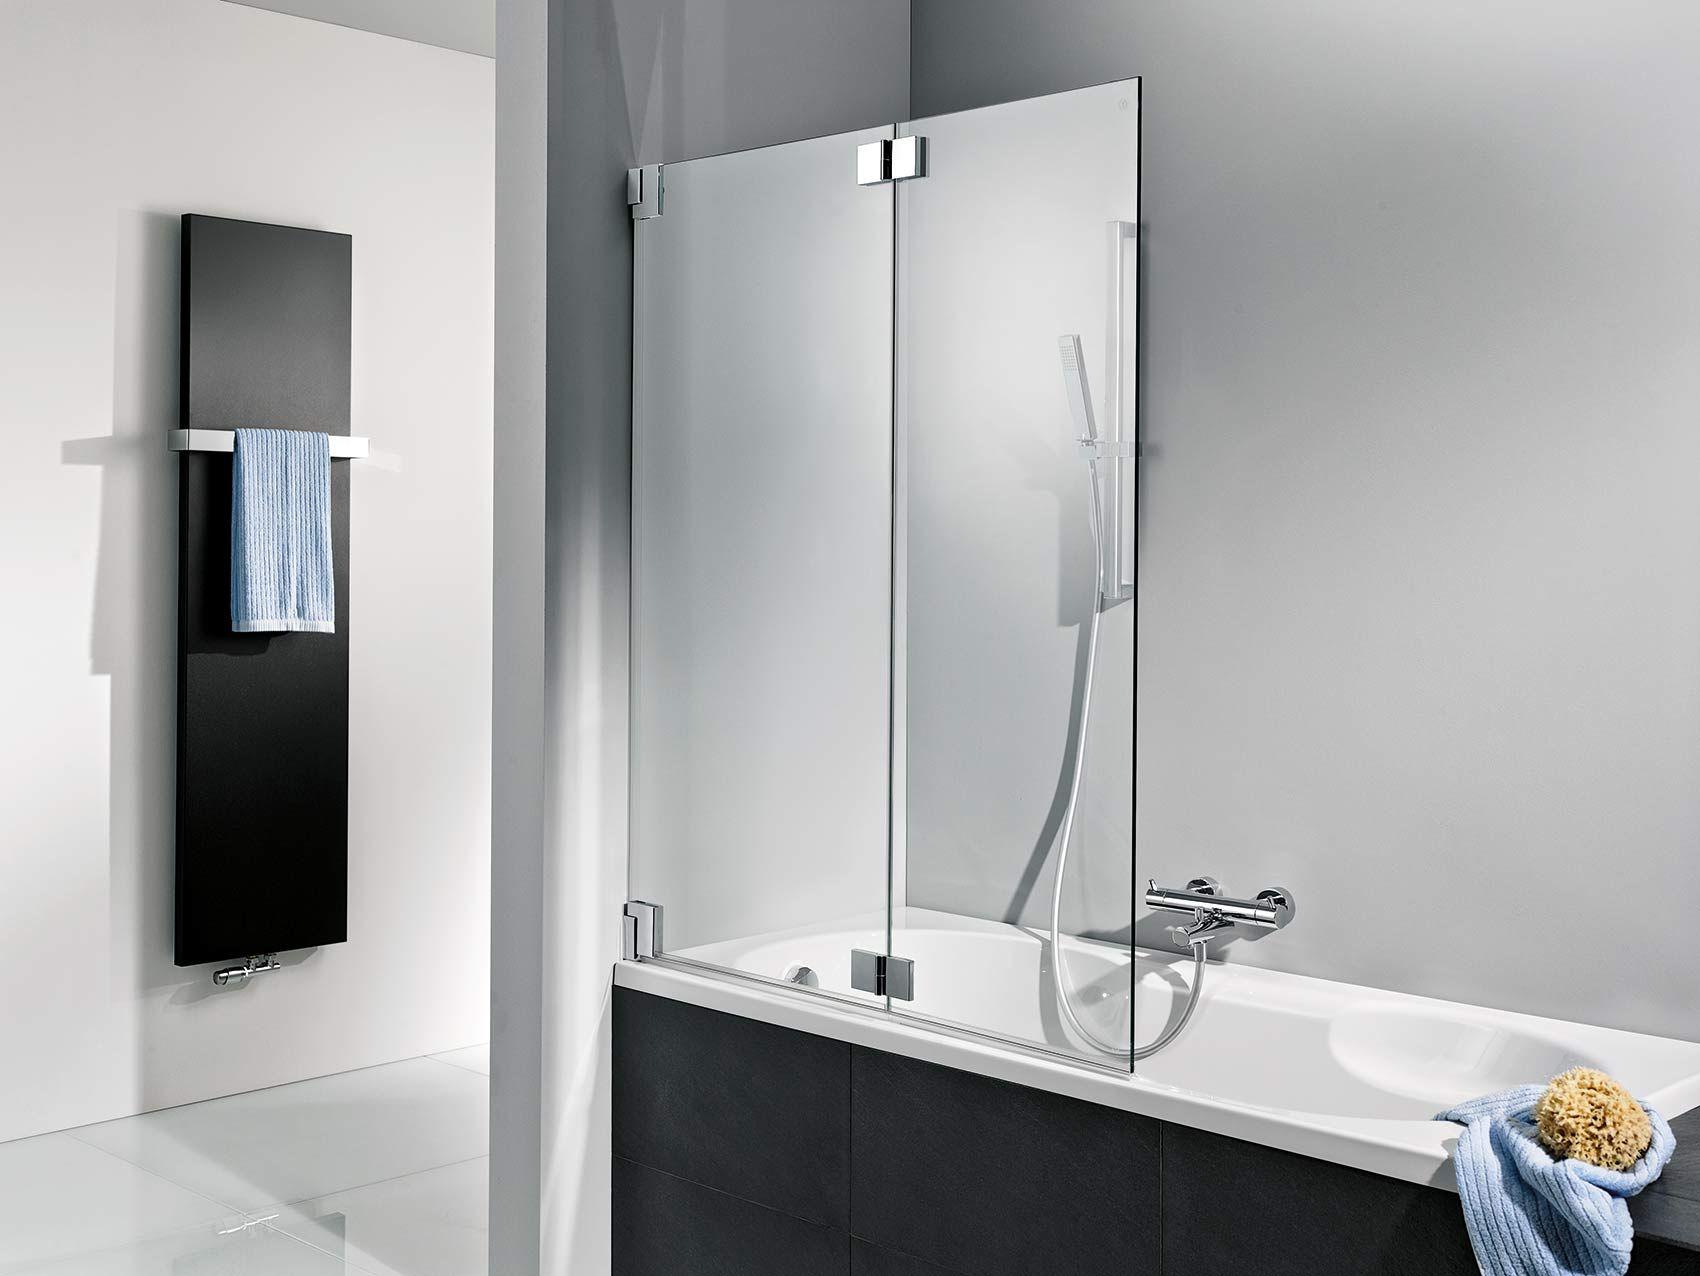 Duschabtrennung Badewanne Top Losungen Von Hsk Duschabtrennung Duschbadewanne Badewanne Glaswand